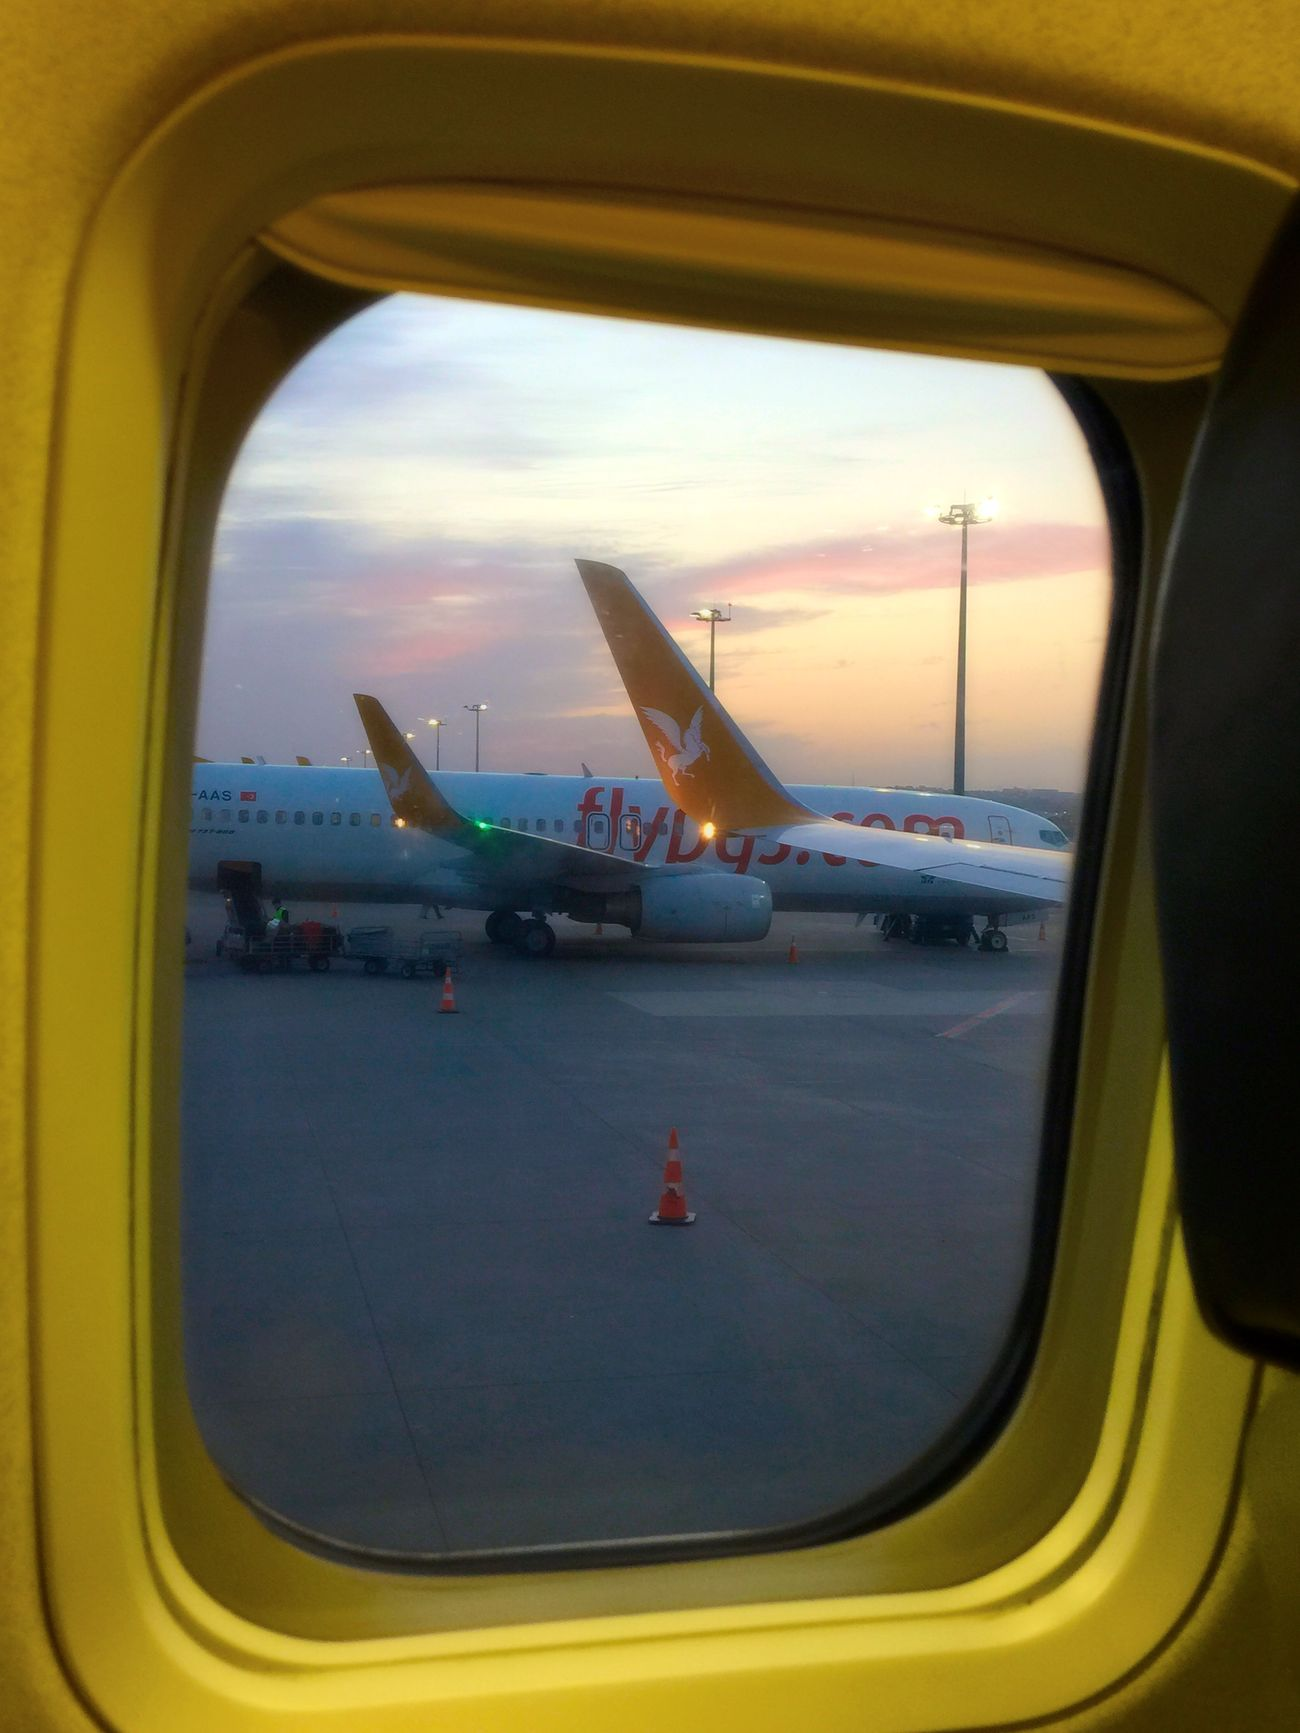 Sabihagökçenhavalimanı Istanbuldayasam Istanbul #turkiye Ucak Plane Flying Airport